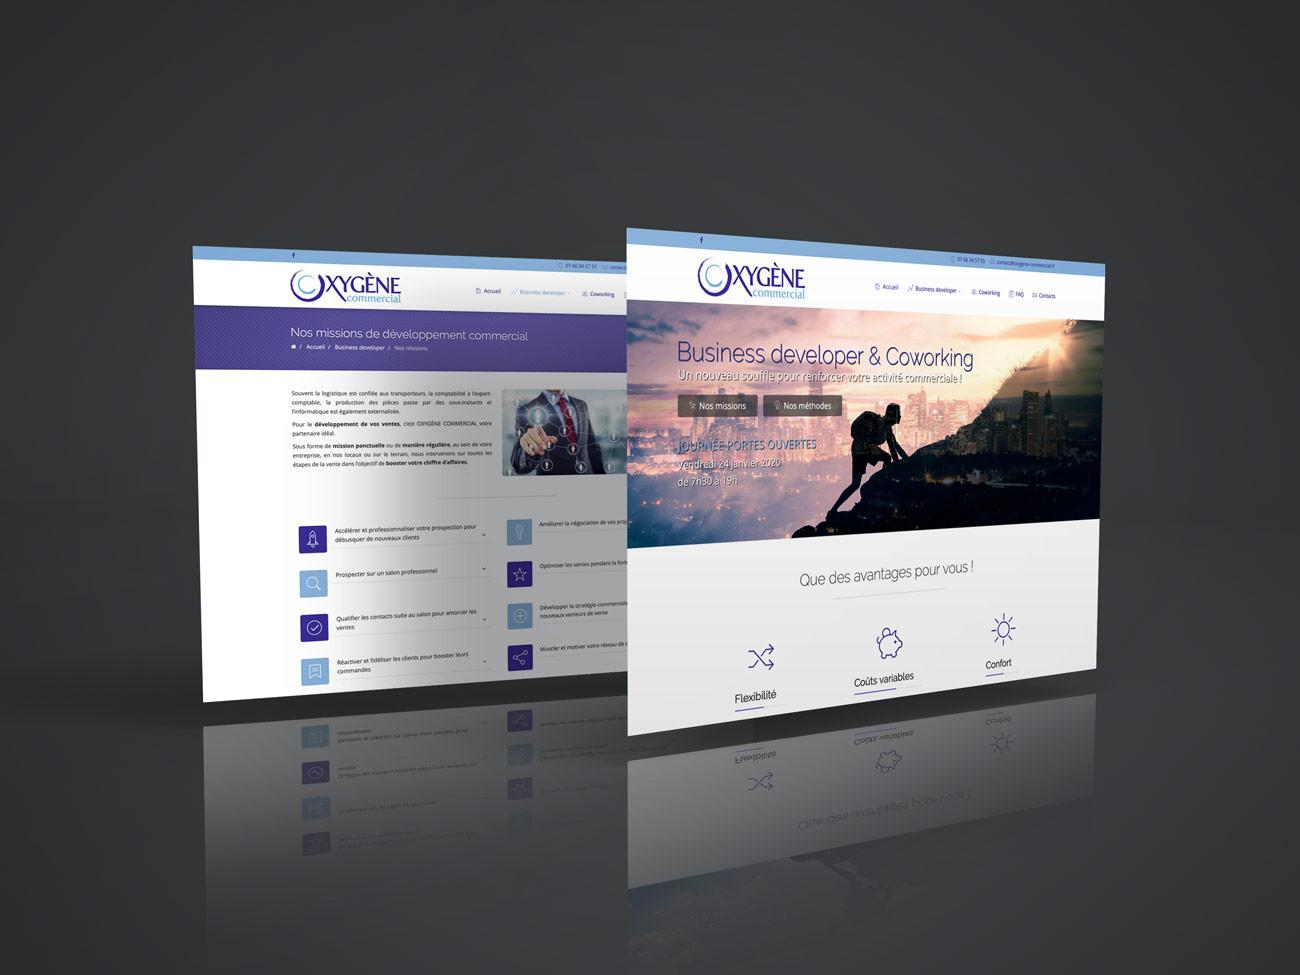 labyrtinh-services-oxygene-com-site-internet